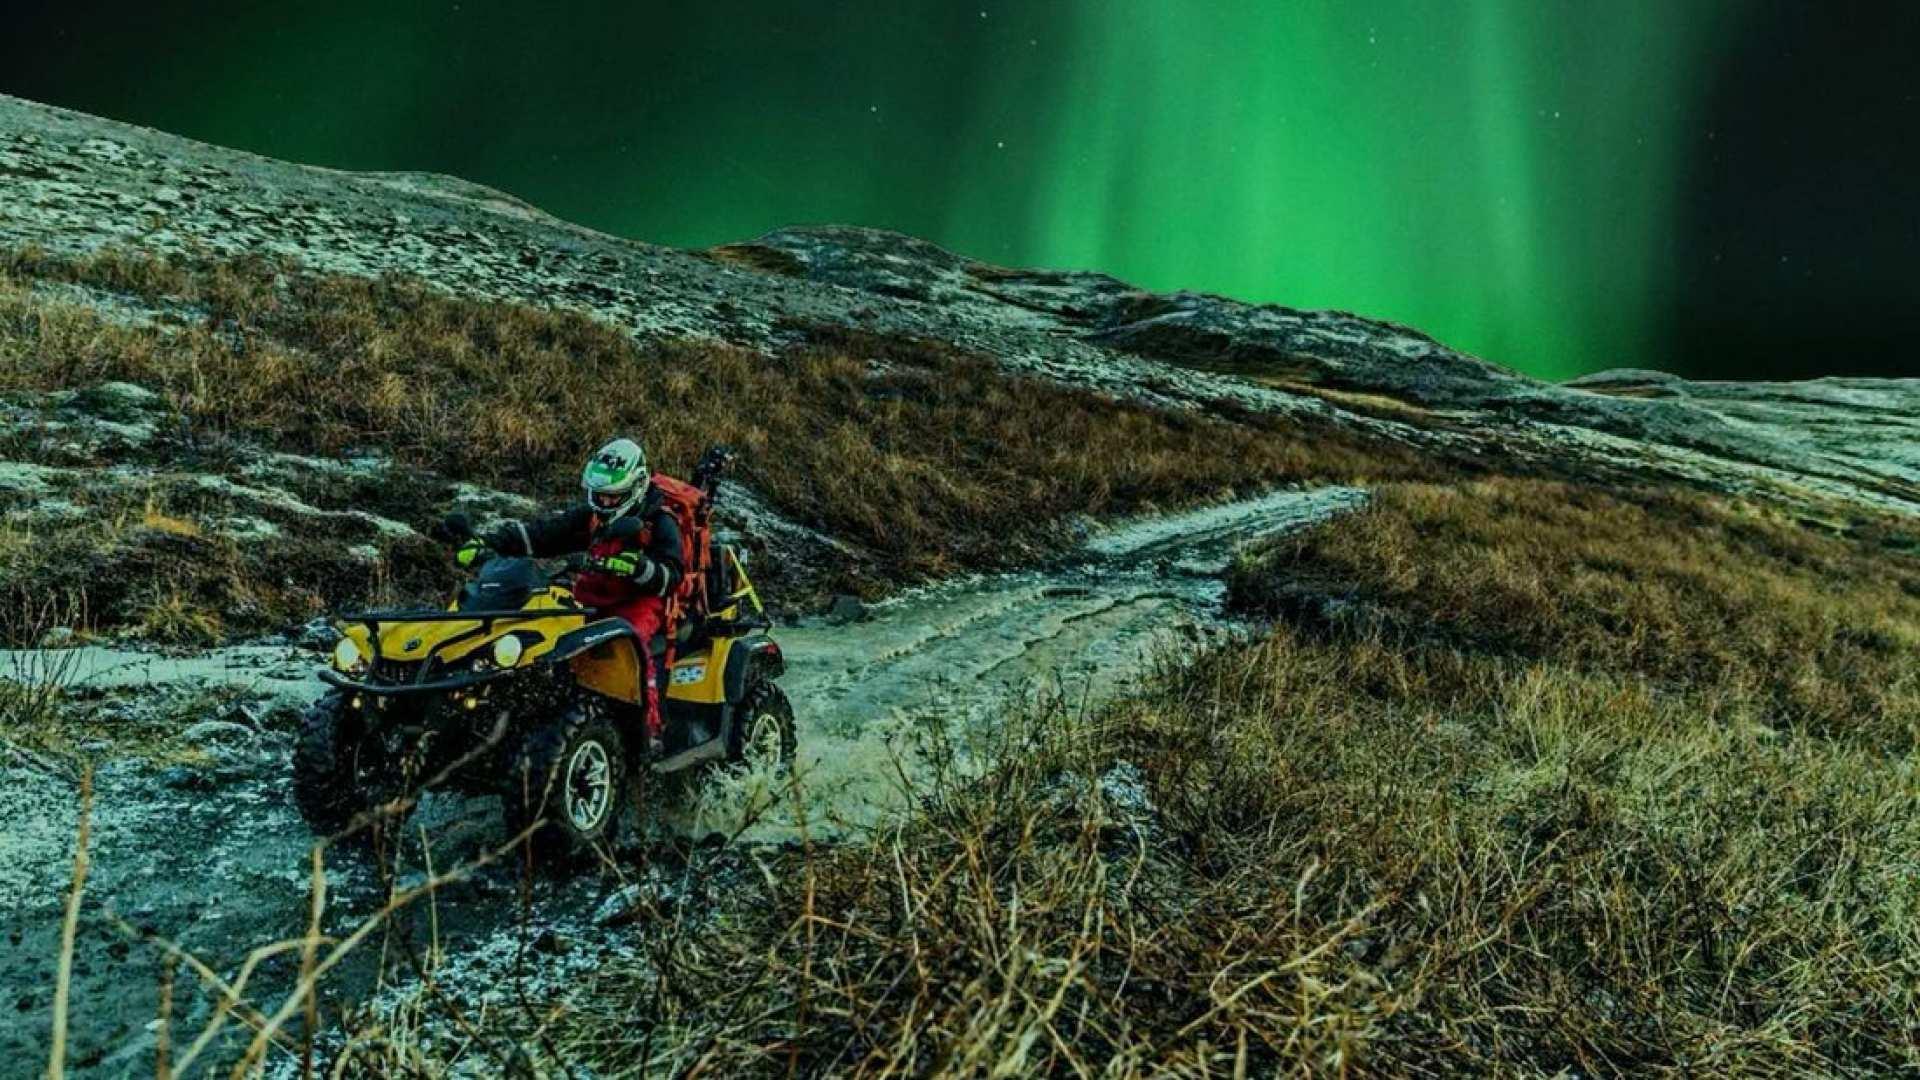 【芬蘭北極光追尋之旅】羅瓦涅米駕駛森林越野四驅車+拉普蘭特色燒烤半日遊